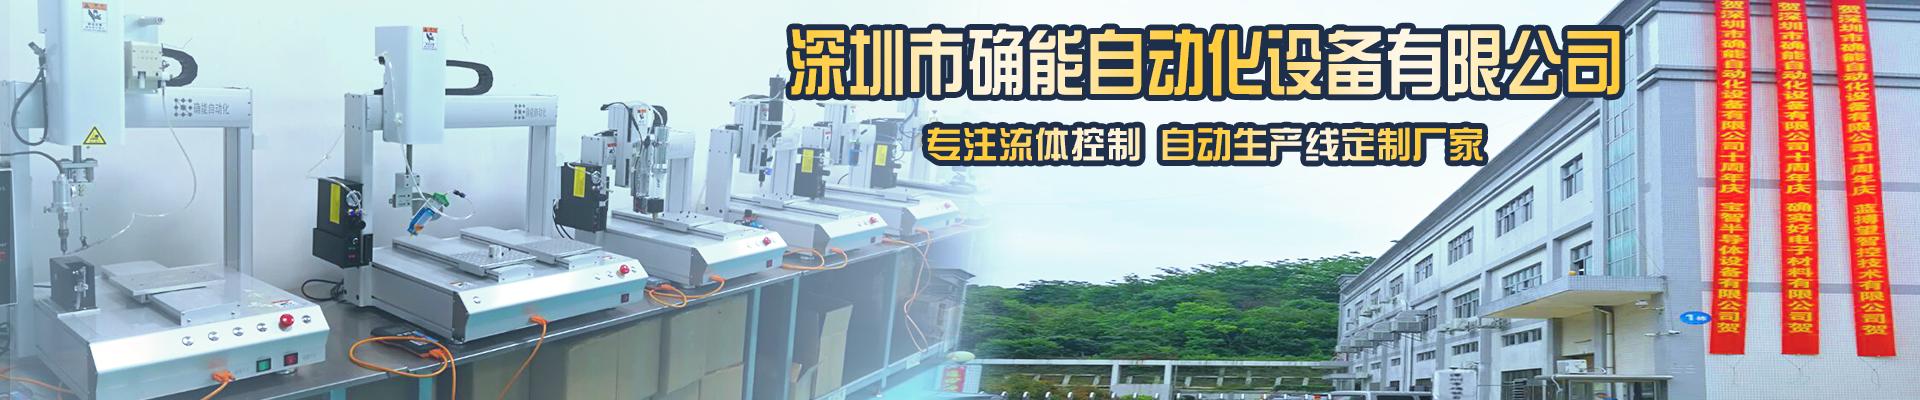 深圳市确能自动化设备有限公司